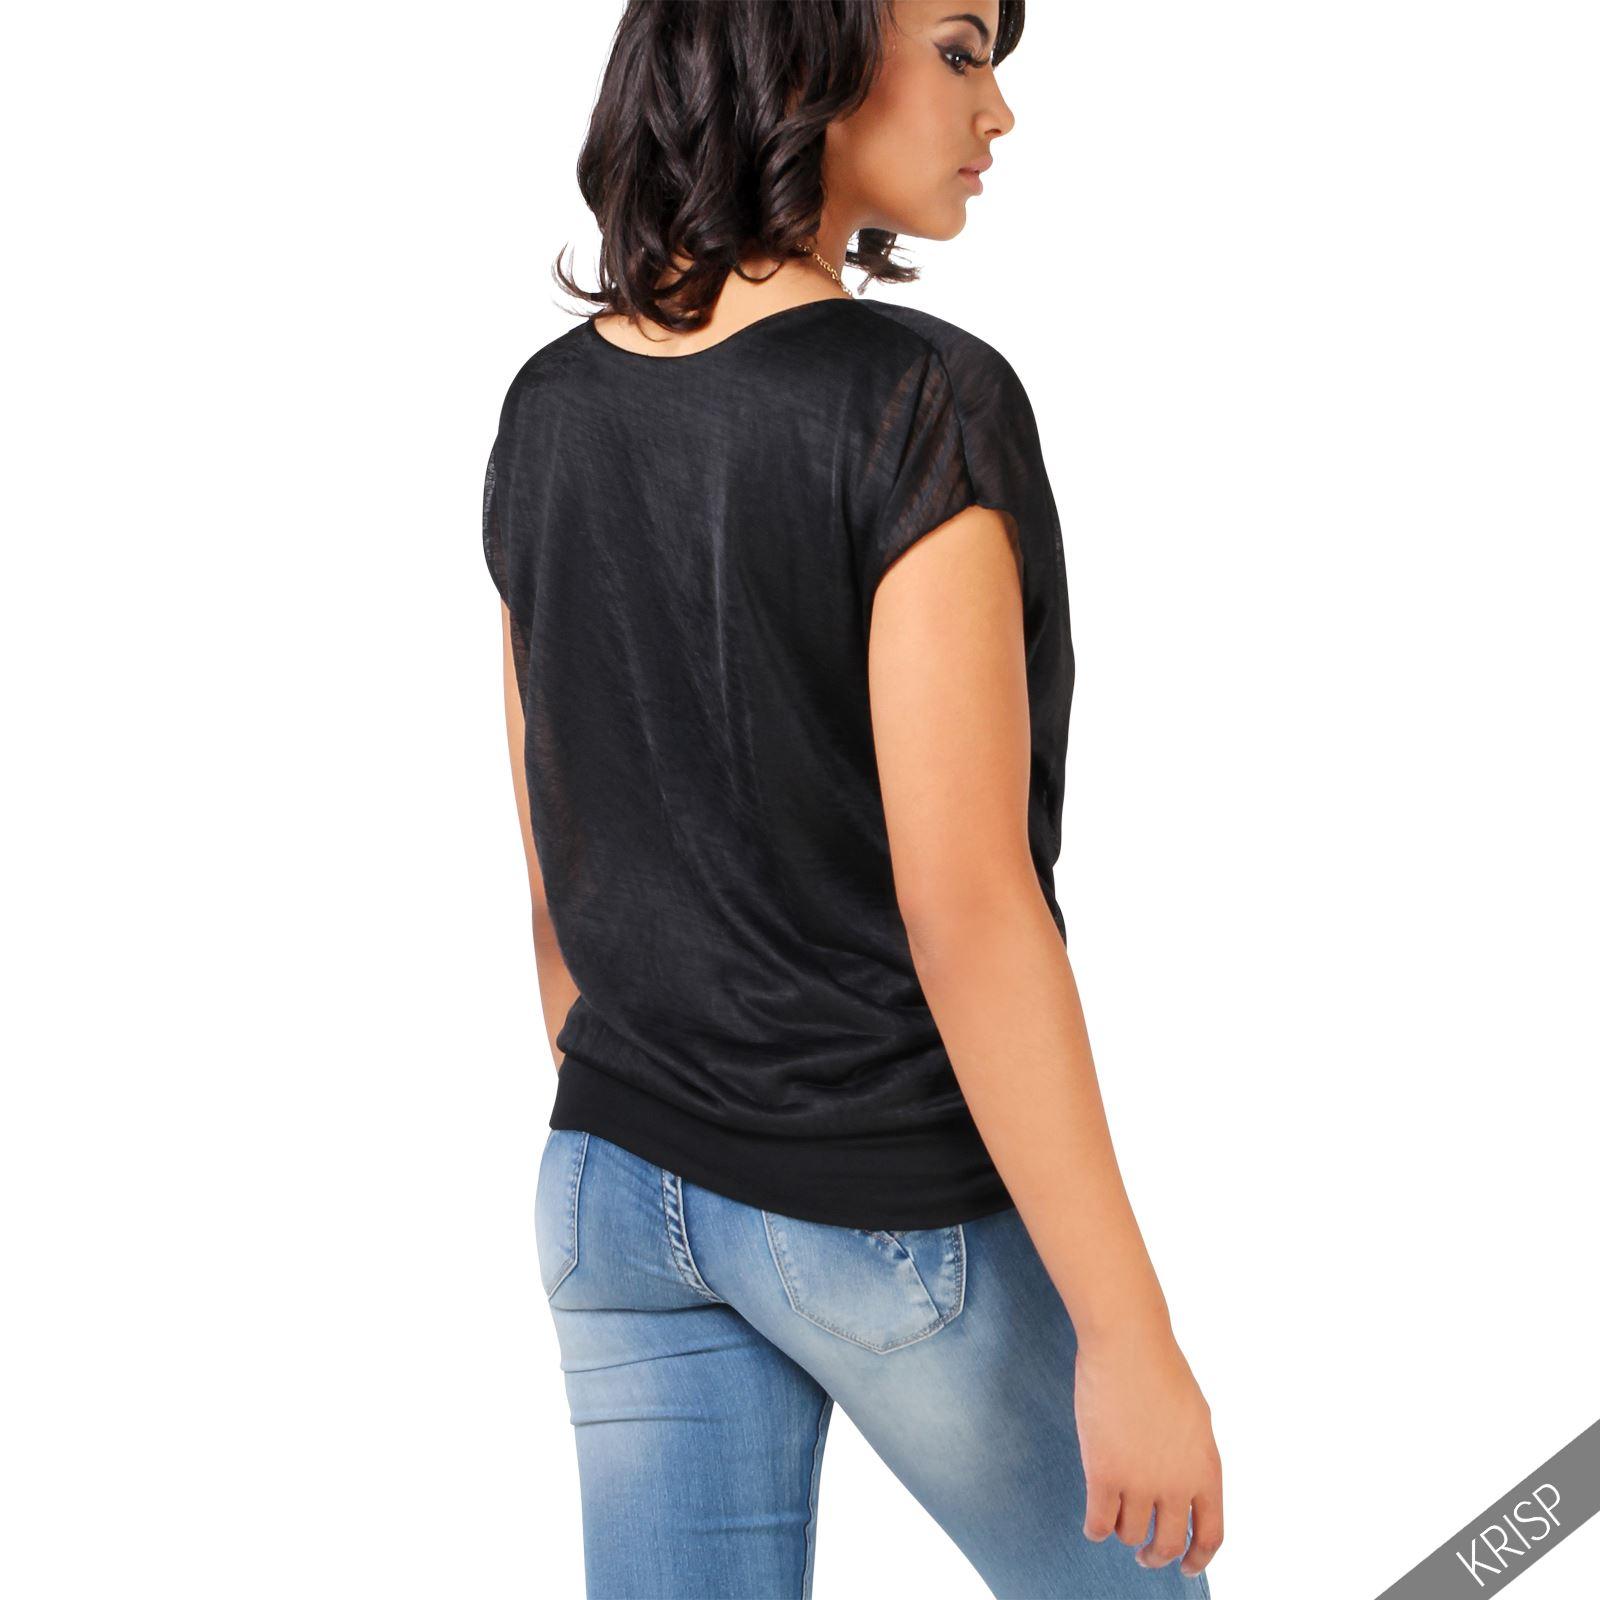 accessoires damenmode umstandsmode blusen tops amp. Black Bedroom Furniture Sets. Home Design Ideas